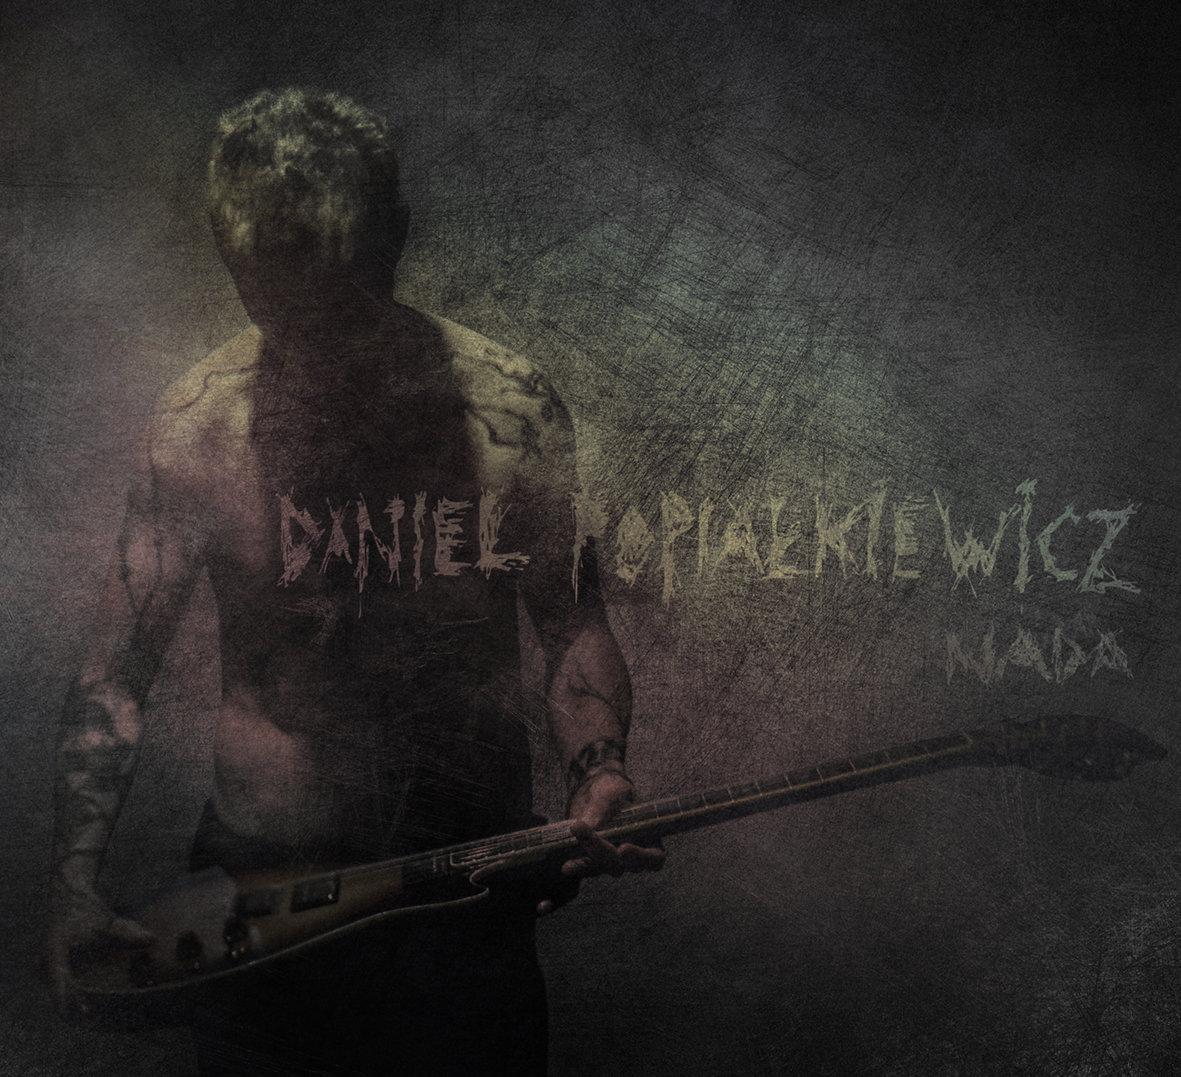 Popiałkiewicz Daniel - Nada